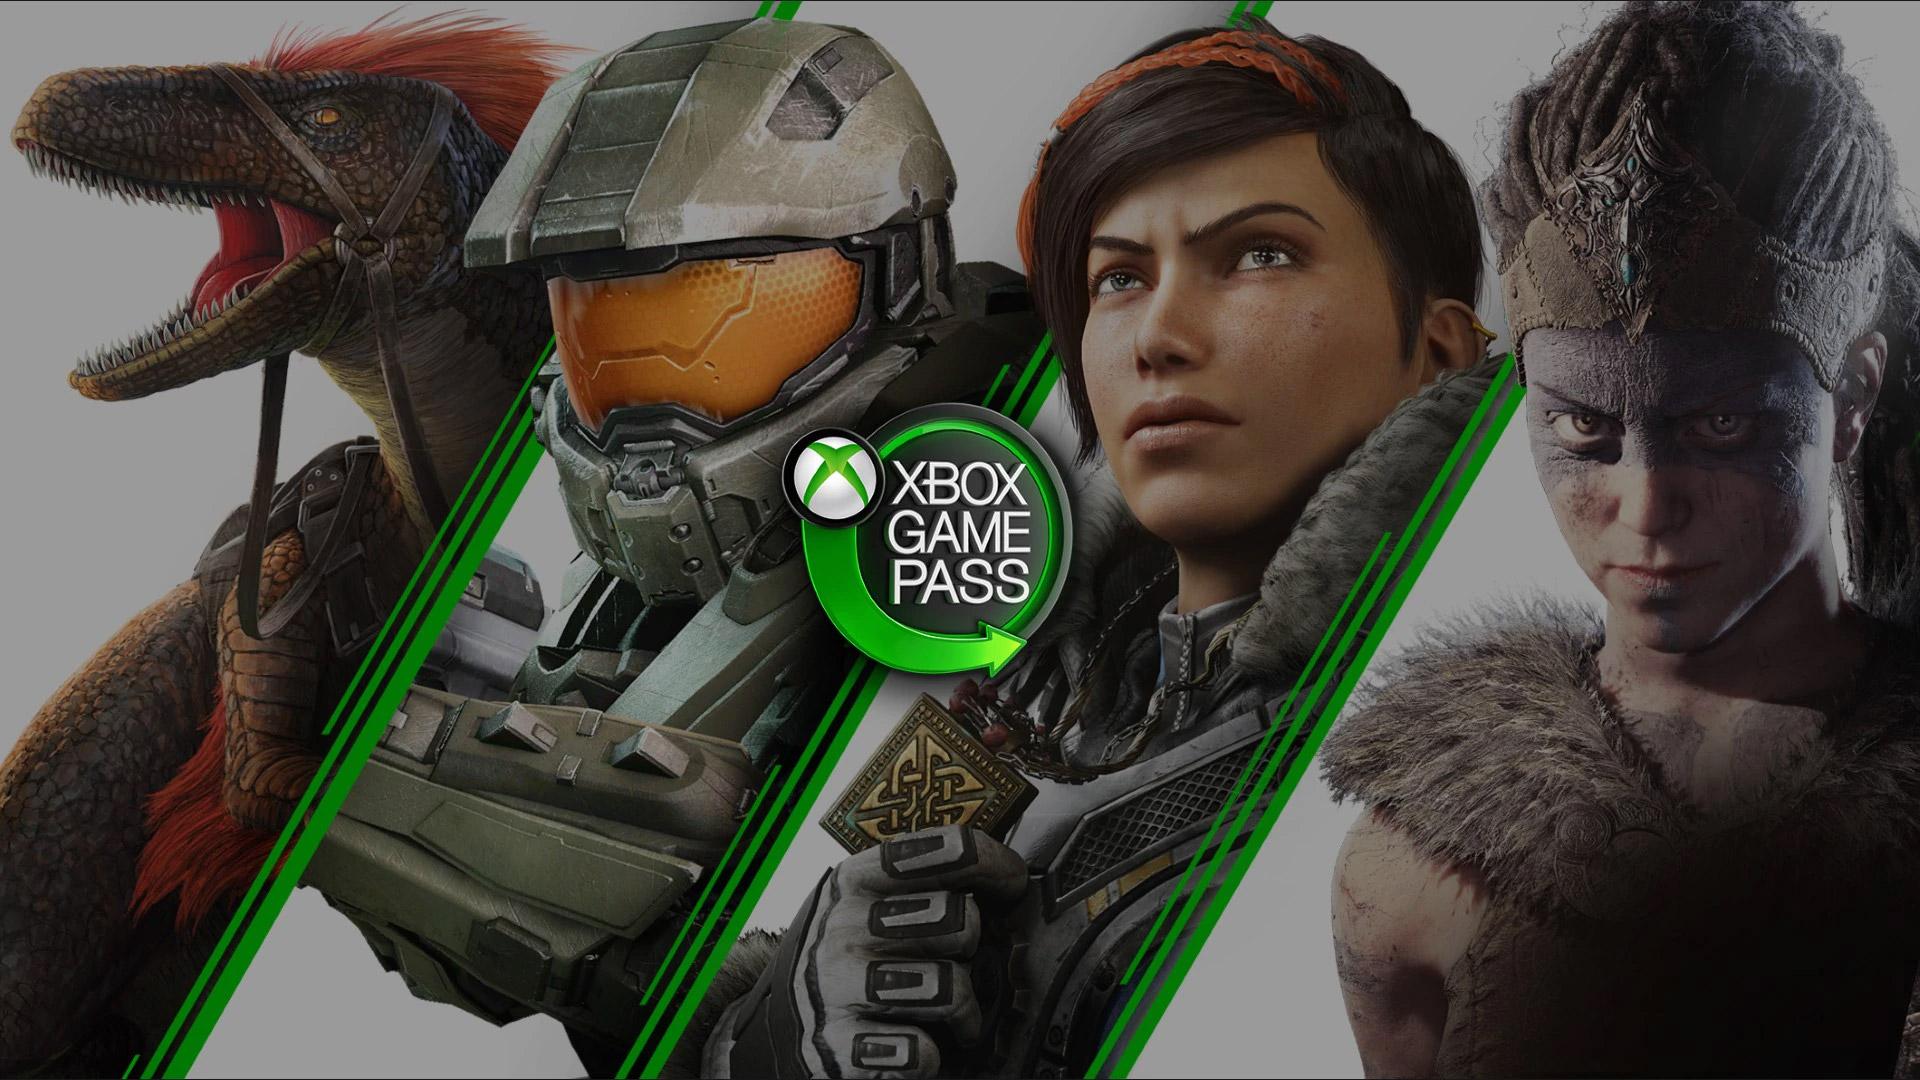 Xbox Game Pass-ek dagoeneko 10 milioi erabiltzaile ditu